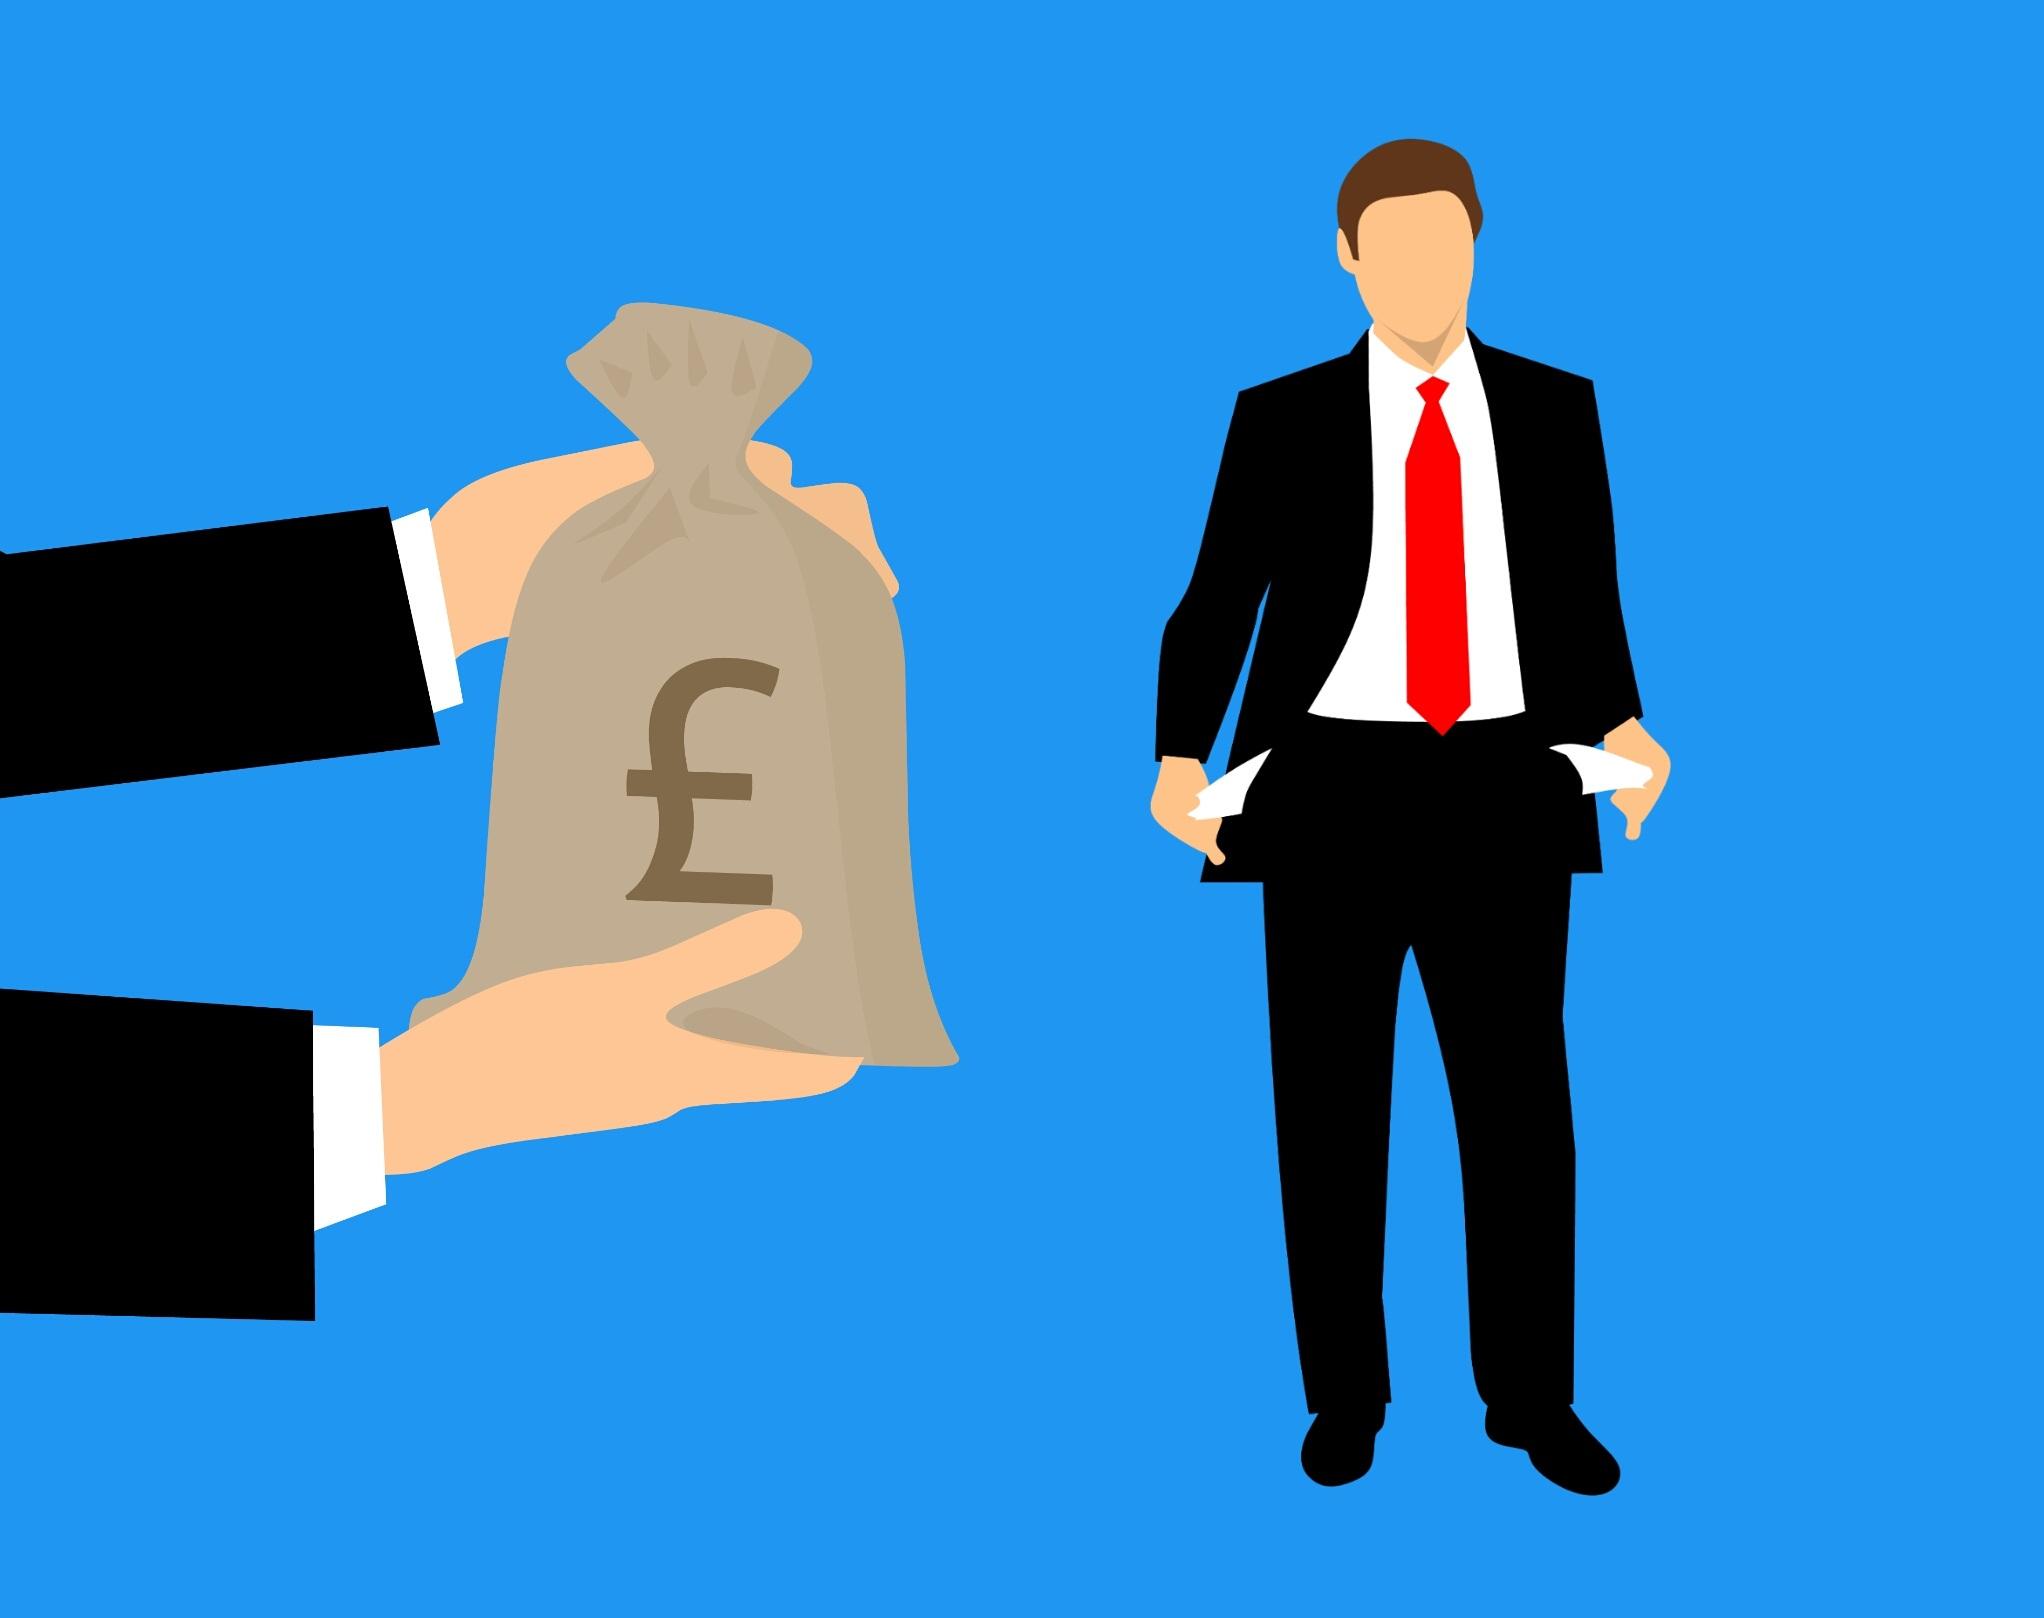 บัญชีเงินฝากประเภทฝากประจำ-เงินฝากกรุงศรี-imoney